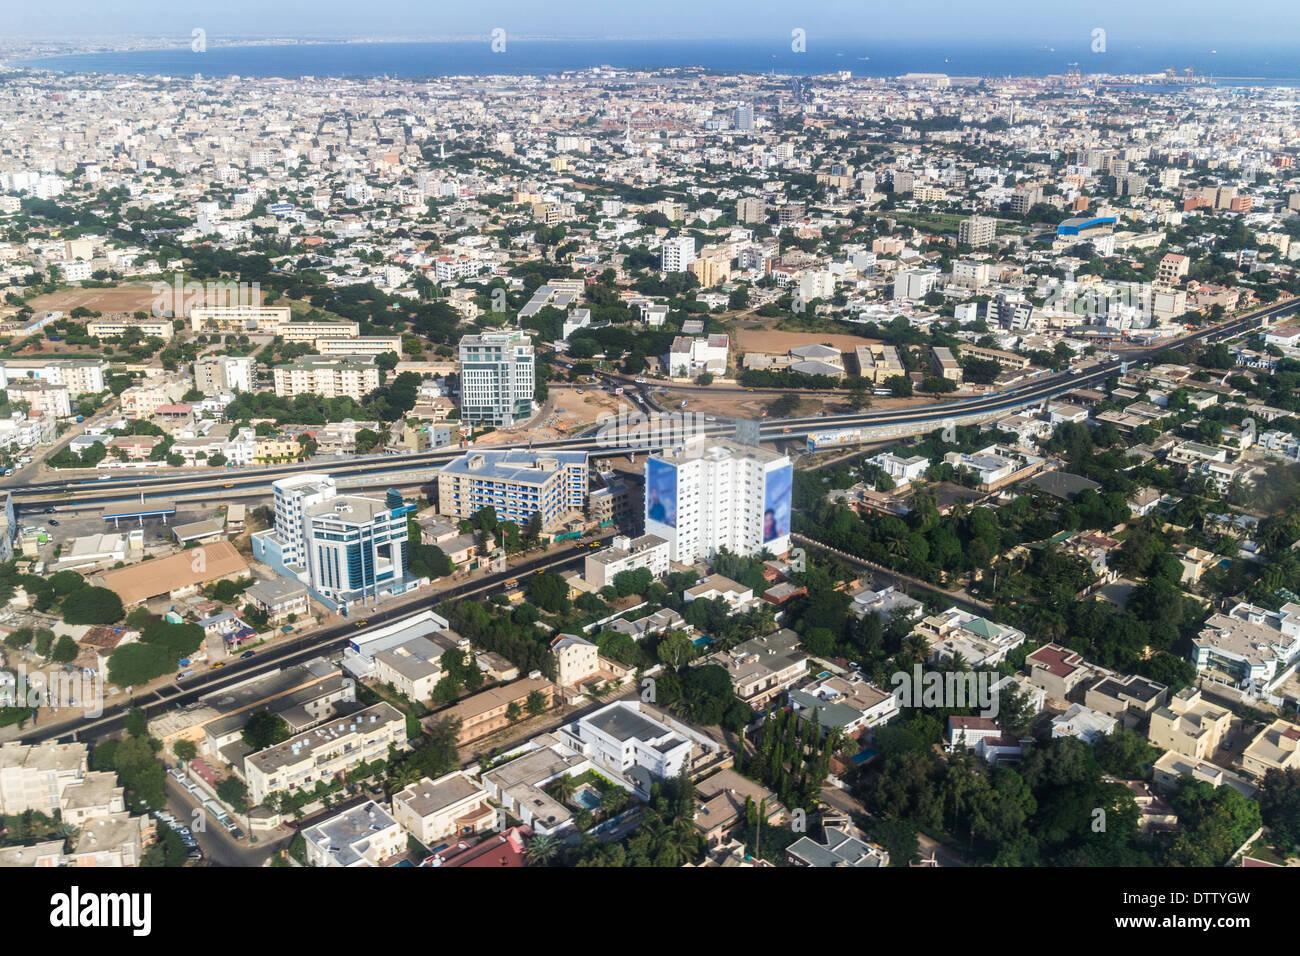 Vista aerea della città di Dakar, Senegal, mostrando la densamente impaccati edifici e un'autostrada Immagini Stock